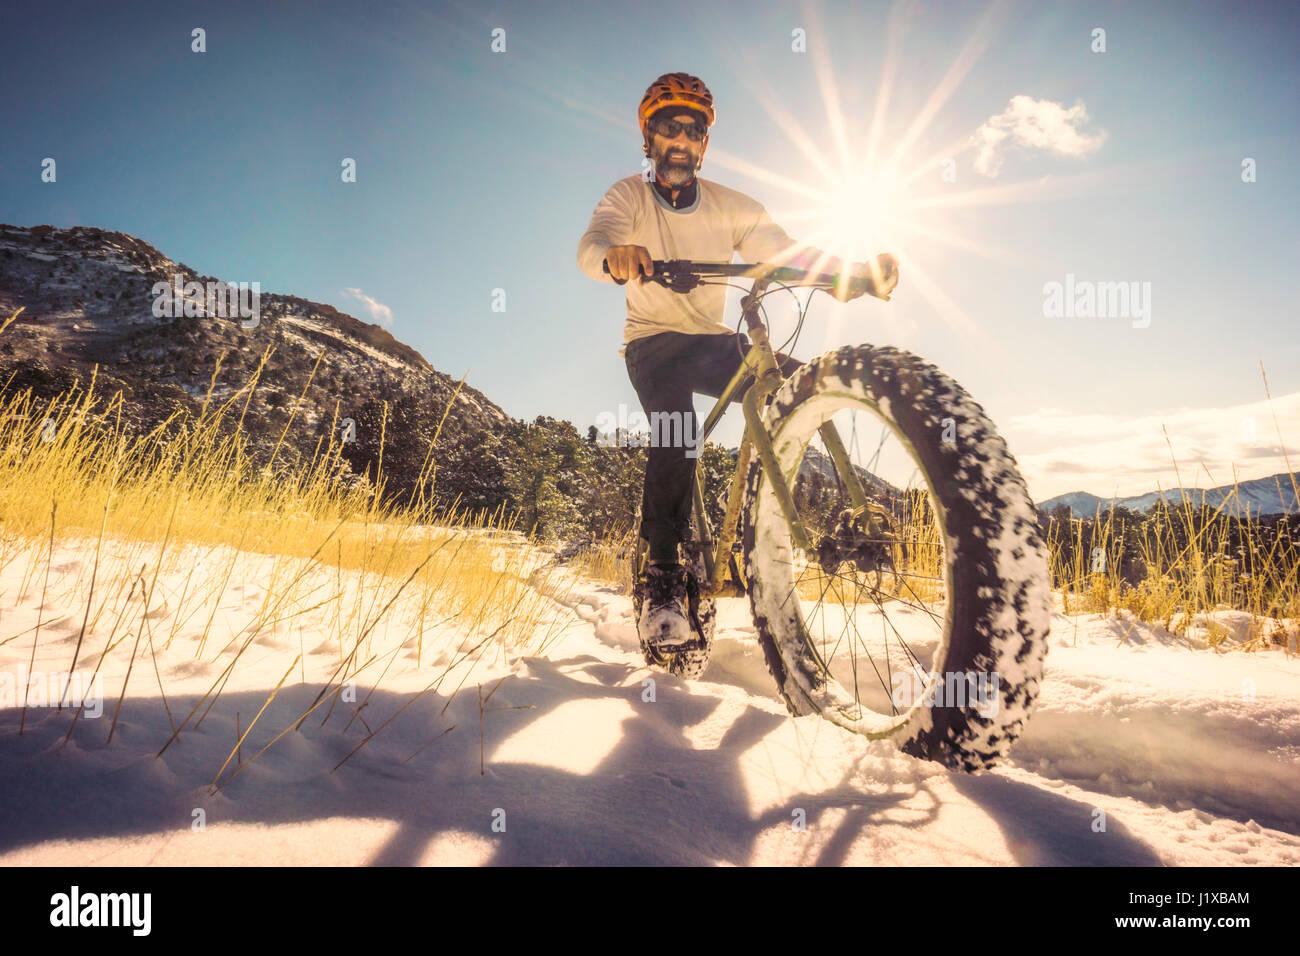 Ritratto di auto (Whit Richardson) a cavallo di un fatbike nel cavallo Gulch area, Durango, CO. Immagini Stock